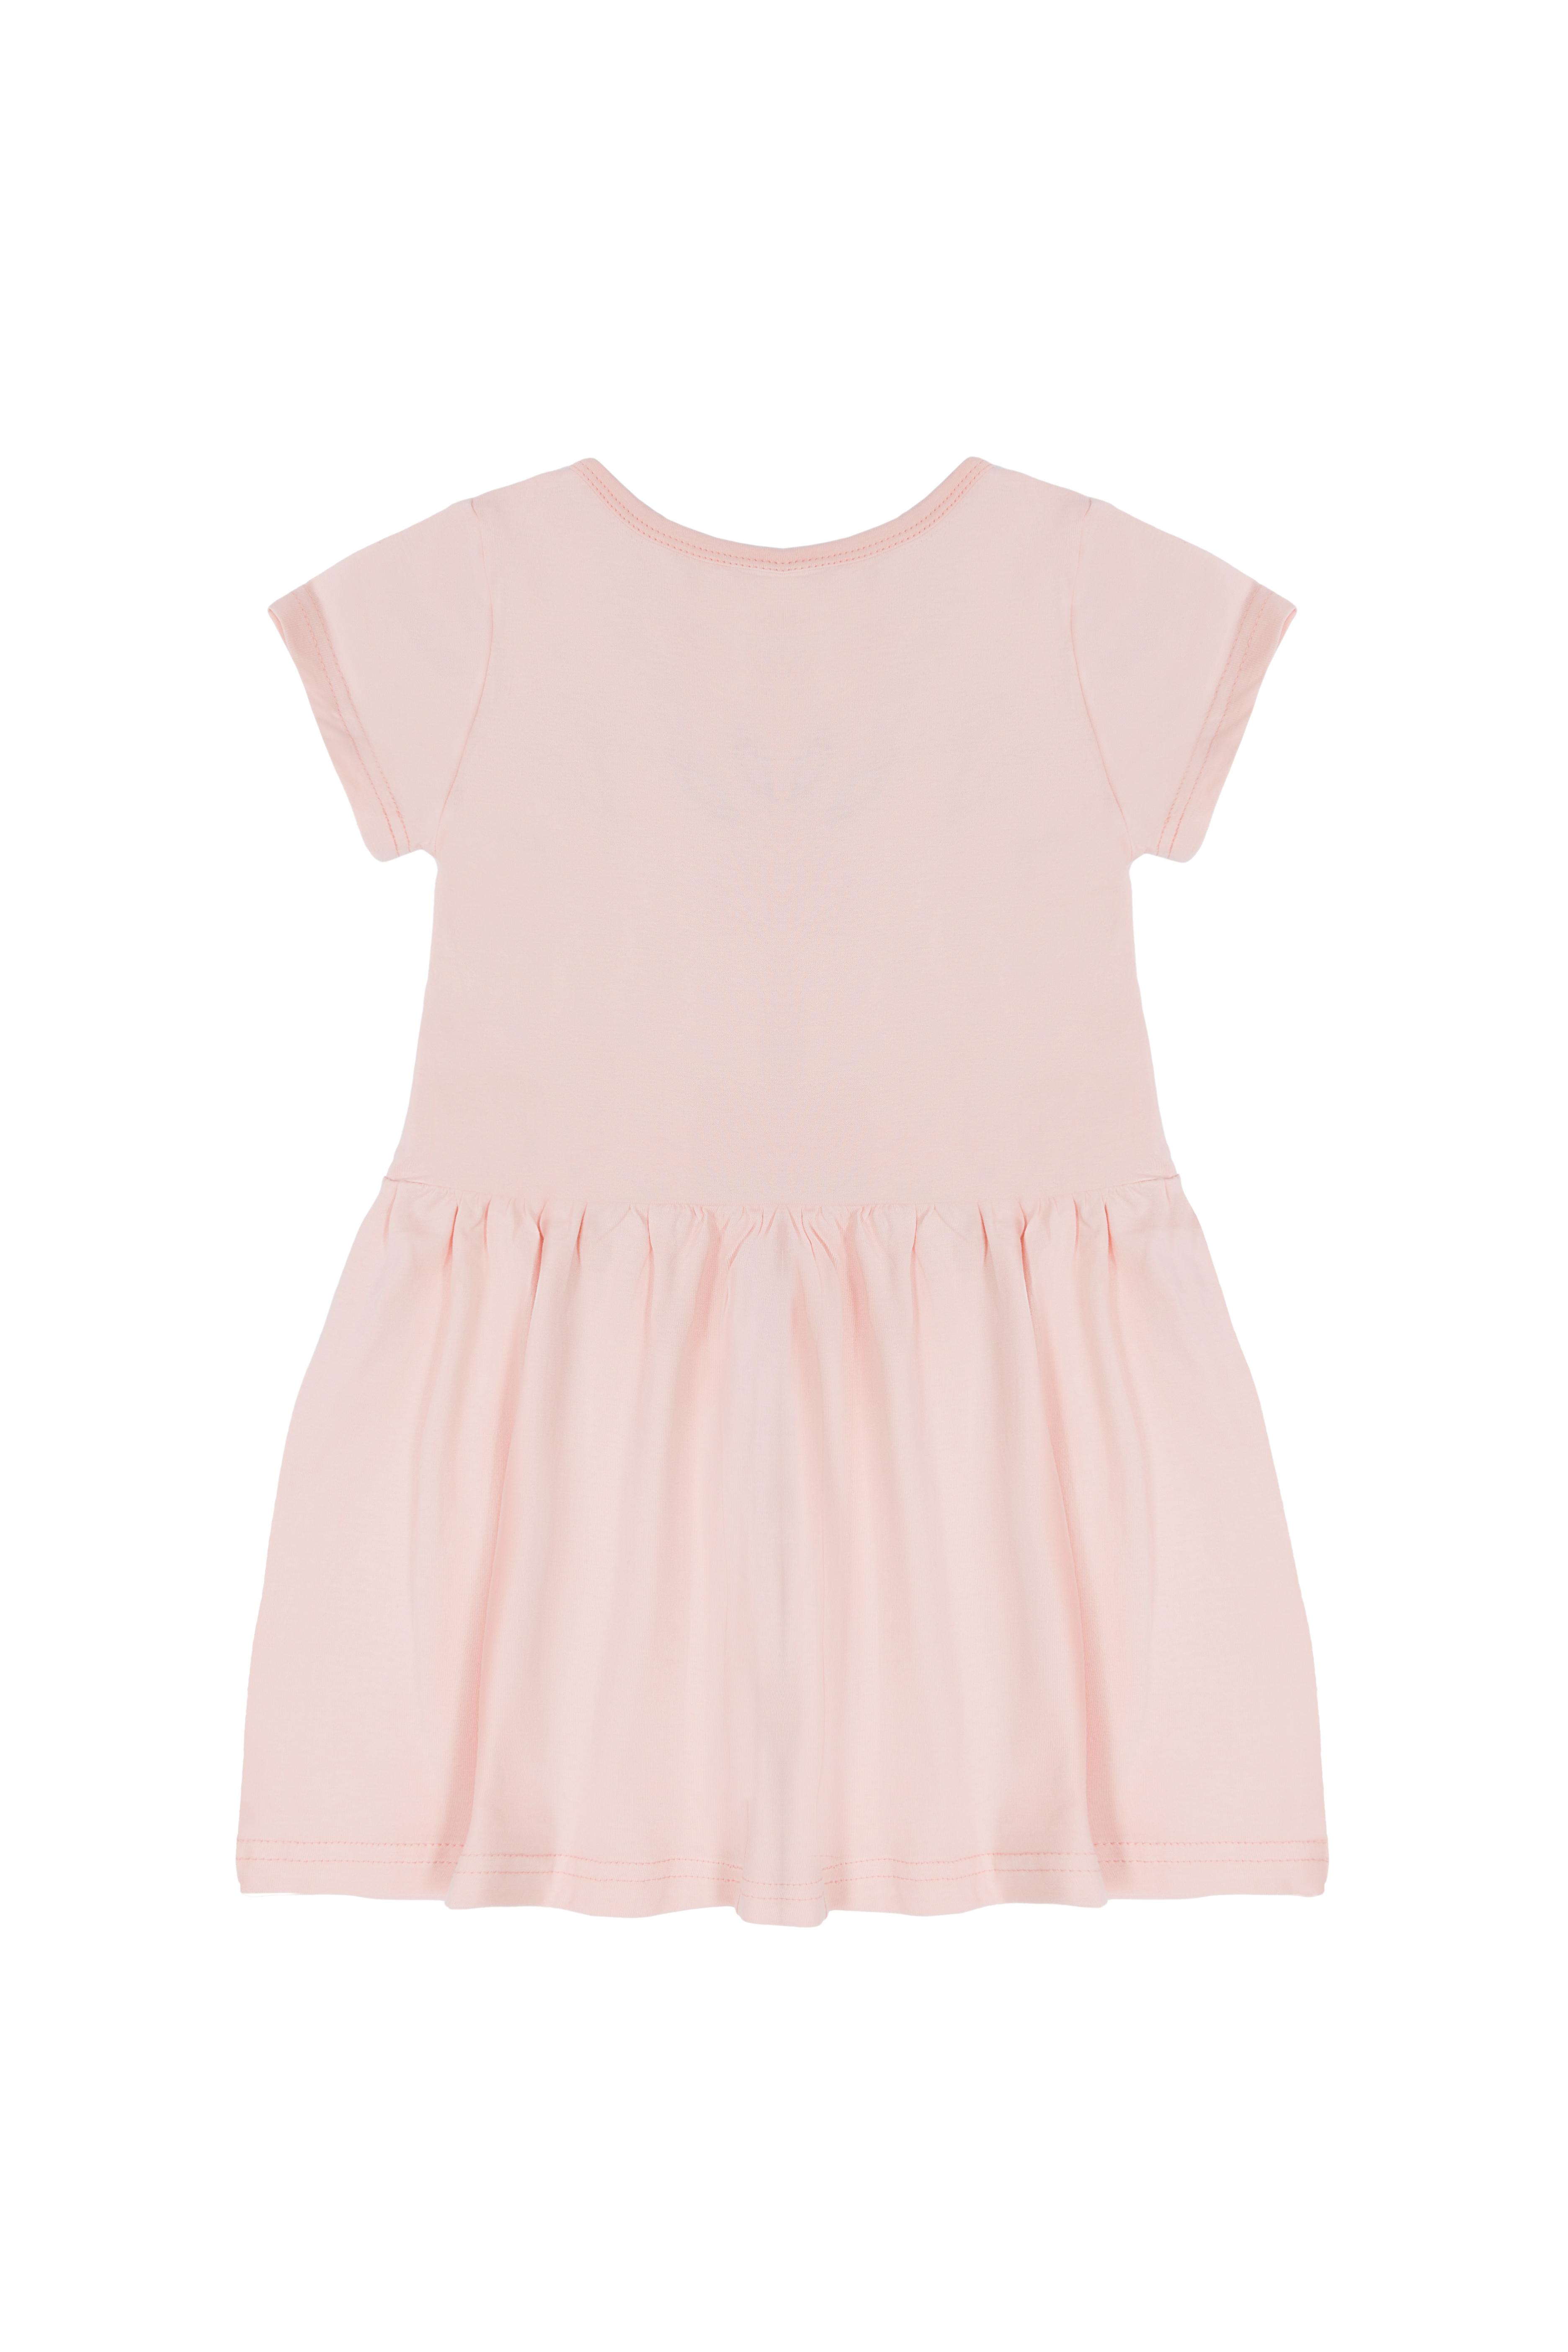 Dívčí šaty Lama 2 Světle-růžová